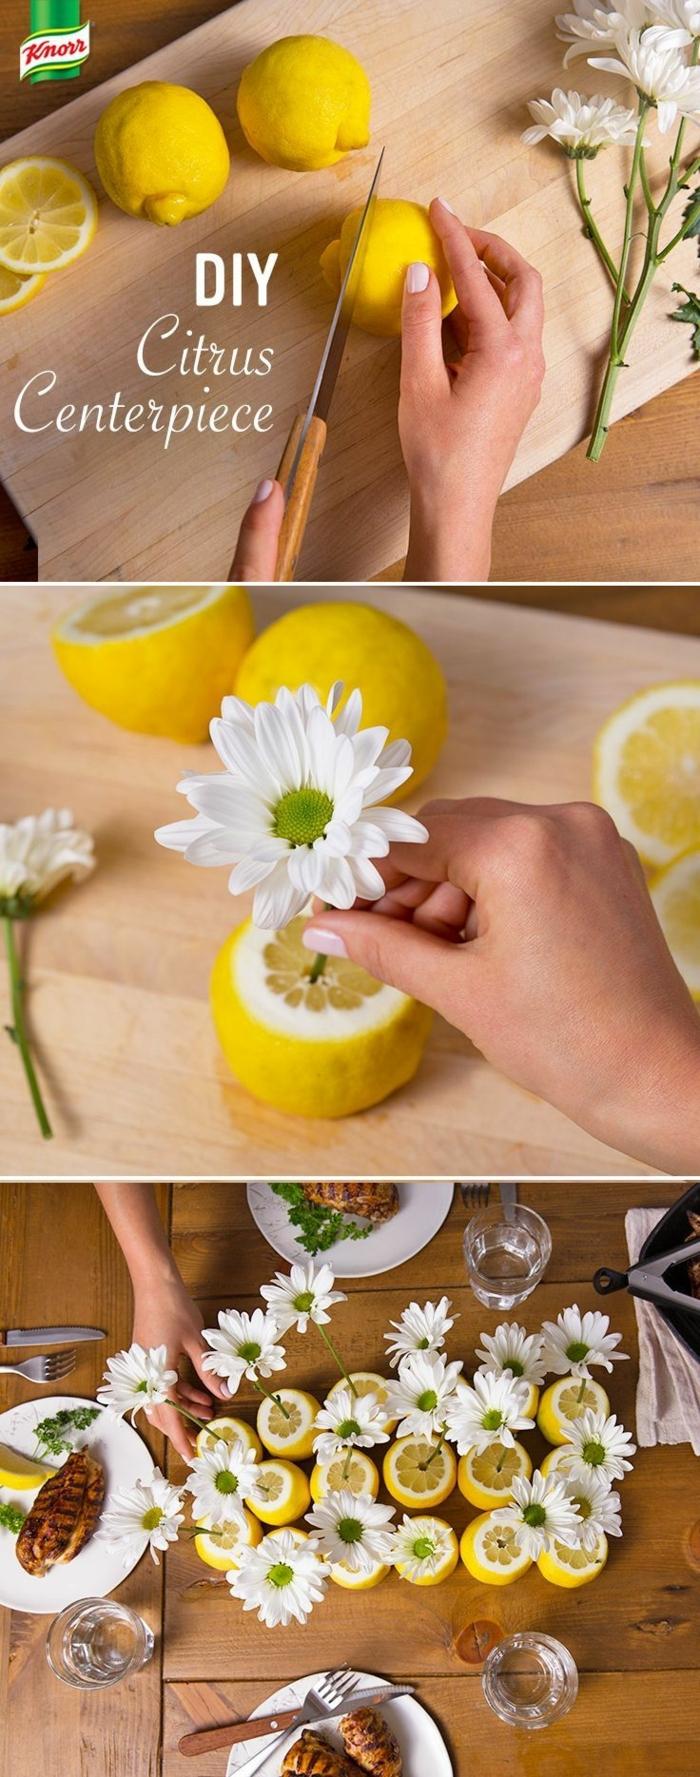 como hacer un centro de mesa super fresco y original con limones y flores, manualidades caseras